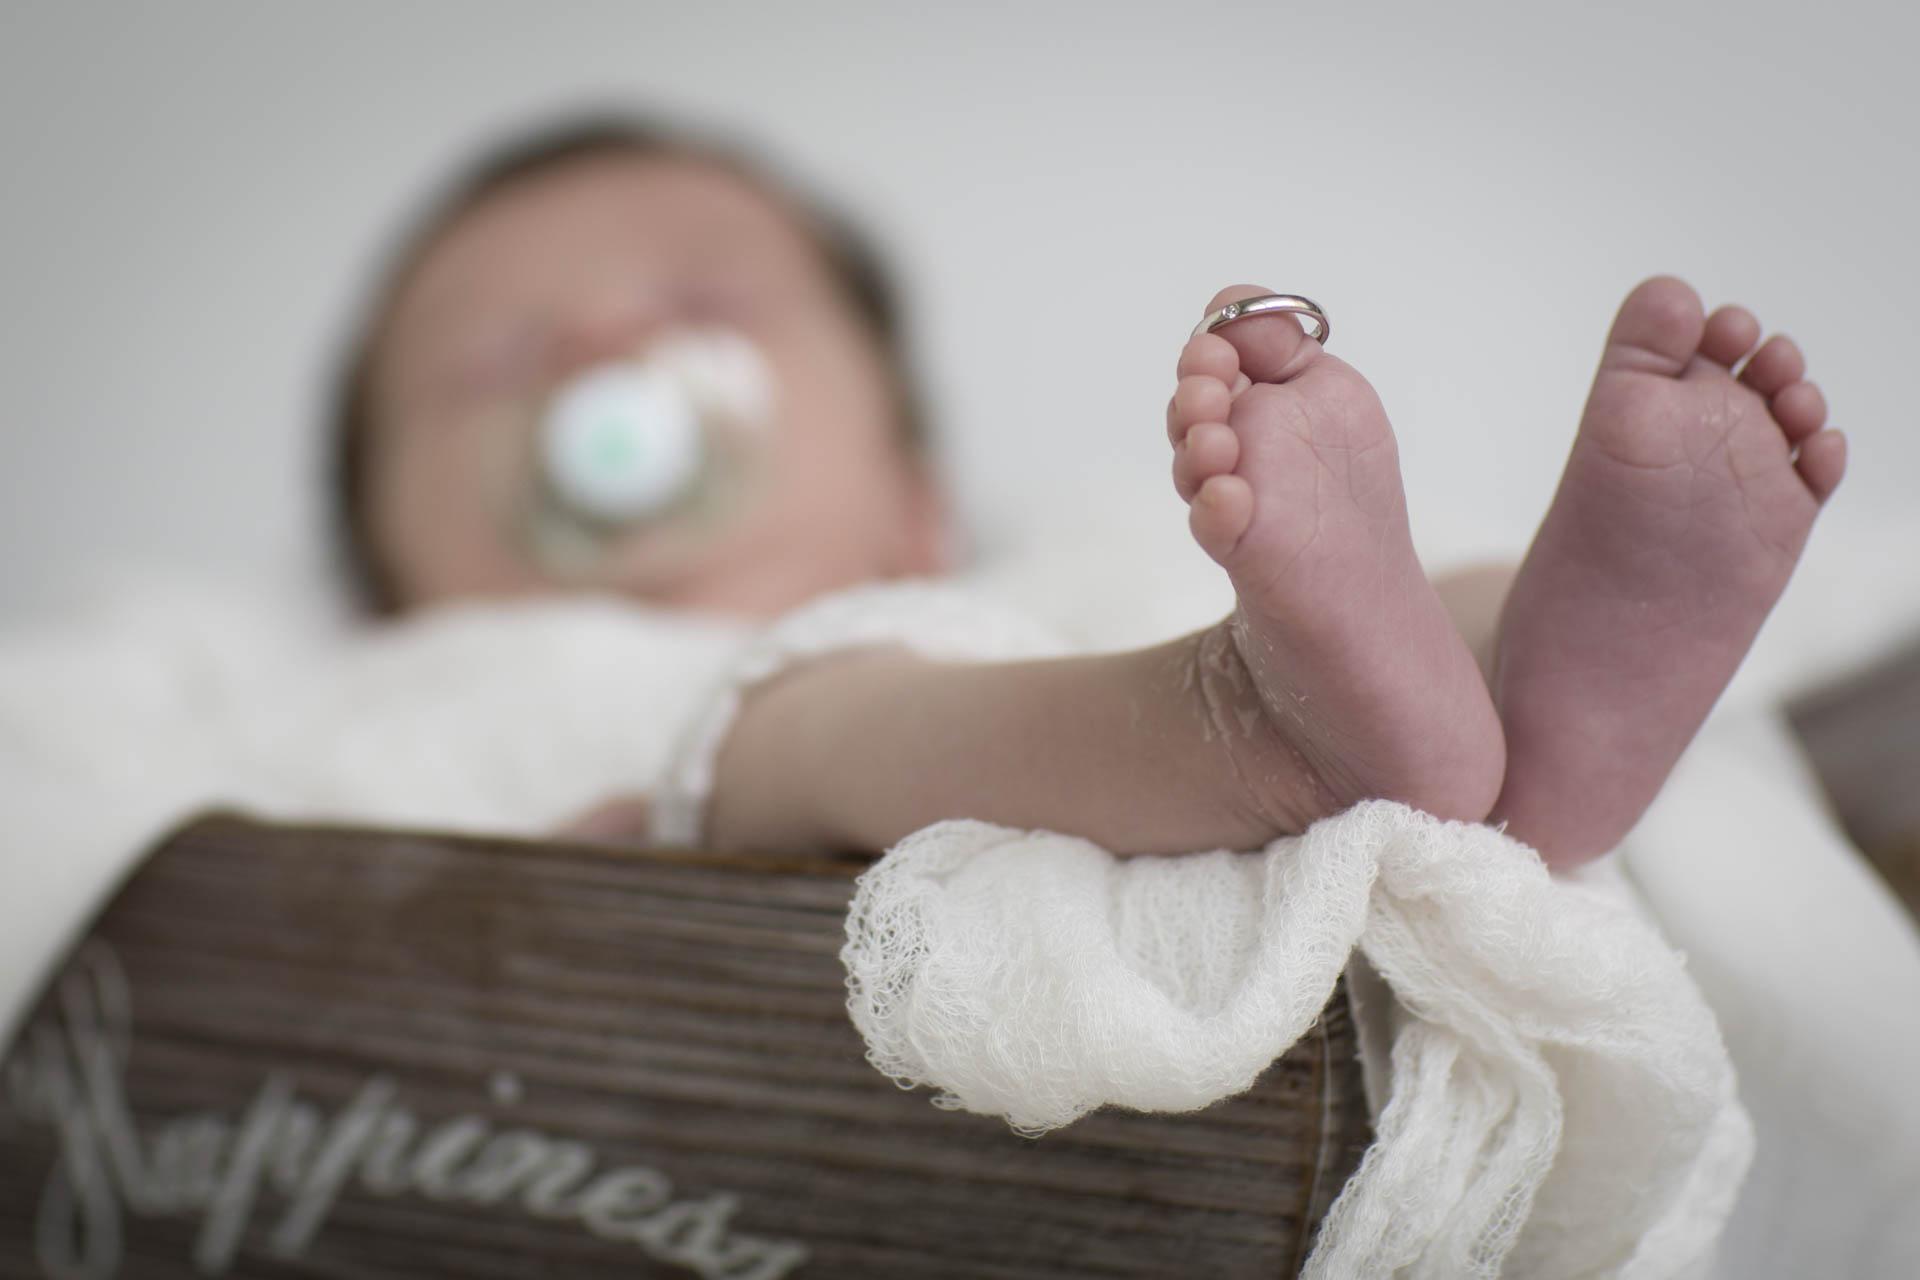 Servizio Fotografico Neonati e Newborn a Padova, Venezia, Veneto. Ecco il piccolo Tommaso. Michelino Studio, fotografo professionista per neonati, bambini e famiglia in Veneto. 014